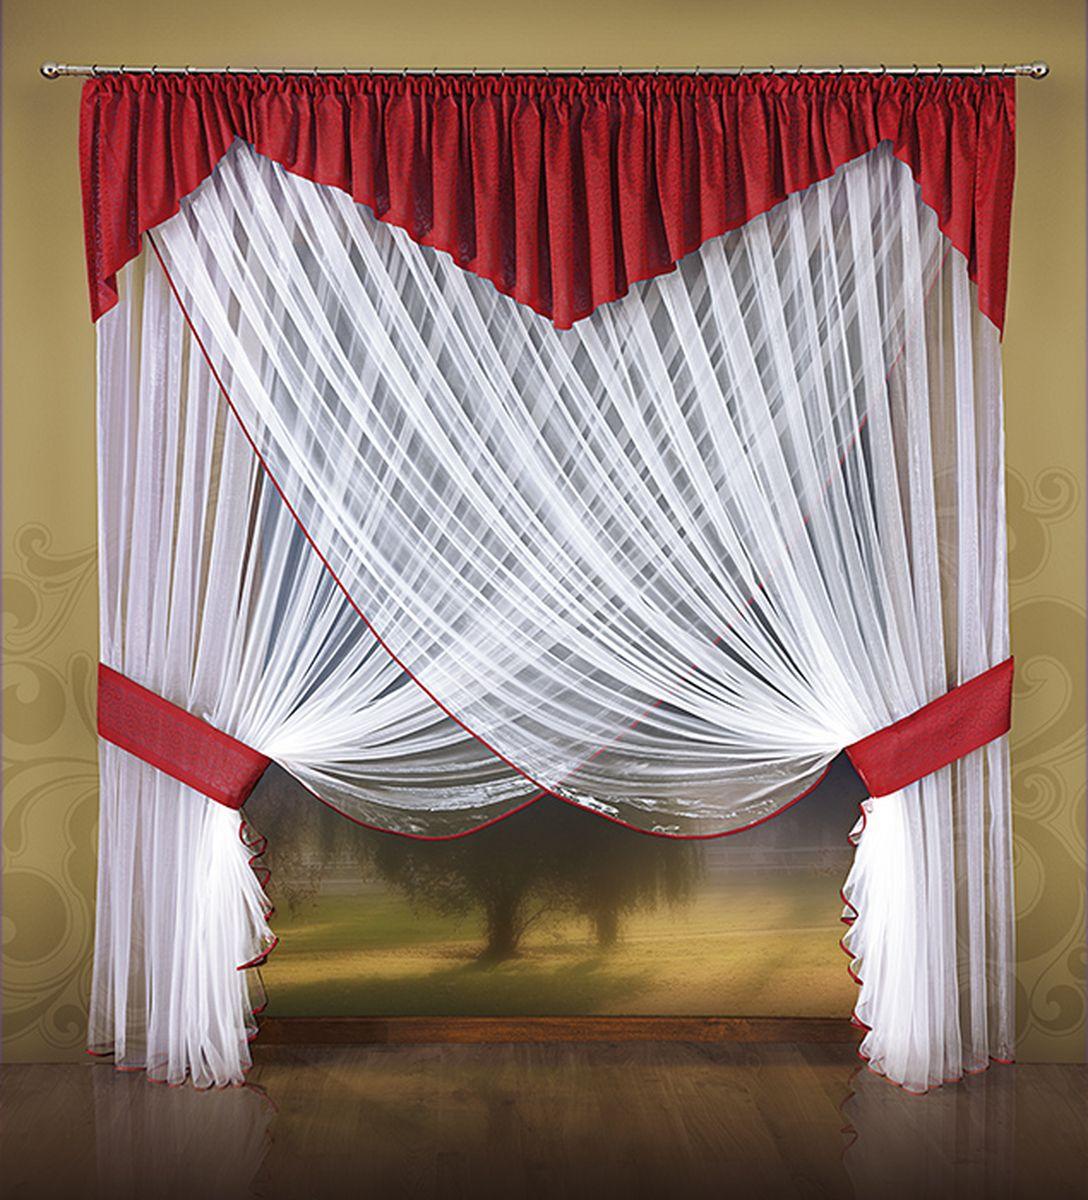 Комплект штор Wisan Nina, на ленте, цвет: белый, красный, высота 250088WКомплект штор Wisan Nina, выполненный из полиэстера, великолепно украсит любое окно. В комплект входят тюль, ламбрекен и 2 подхвата. Интересный крой придает комплекту особый стиль и шарм. Тонкое плетение, нежная цветовая гамма и роскошное исполнение - все это делает шторы Wisan Nina замечательным дополнением интерьера помещения.Комплект оснащен шторной лентой для красивой сборки. В комплект входит: Тюль - 2 шт. Размер (ШхВ): 500 см х 250 см. Ламбрекен - 1 шь. Размер (ШхВ): 500 см х 65 см. Подхват - 2 шт.Фирма Wisan на польском рынке существует уже более пятидесяти лет и является одной из лучших польских фабрик по производству штор и тканей. Ассортимент фирмы представлен готовыми комплектами штор для гостиной, детской, кухни, а также текстилем для кухни (скатерти, салфетки, дорожки, кухонные занавески). Модельный ряд отличает оригинальный дизайн, высокое качество. Ассортимент продукции постоянно пополняется.